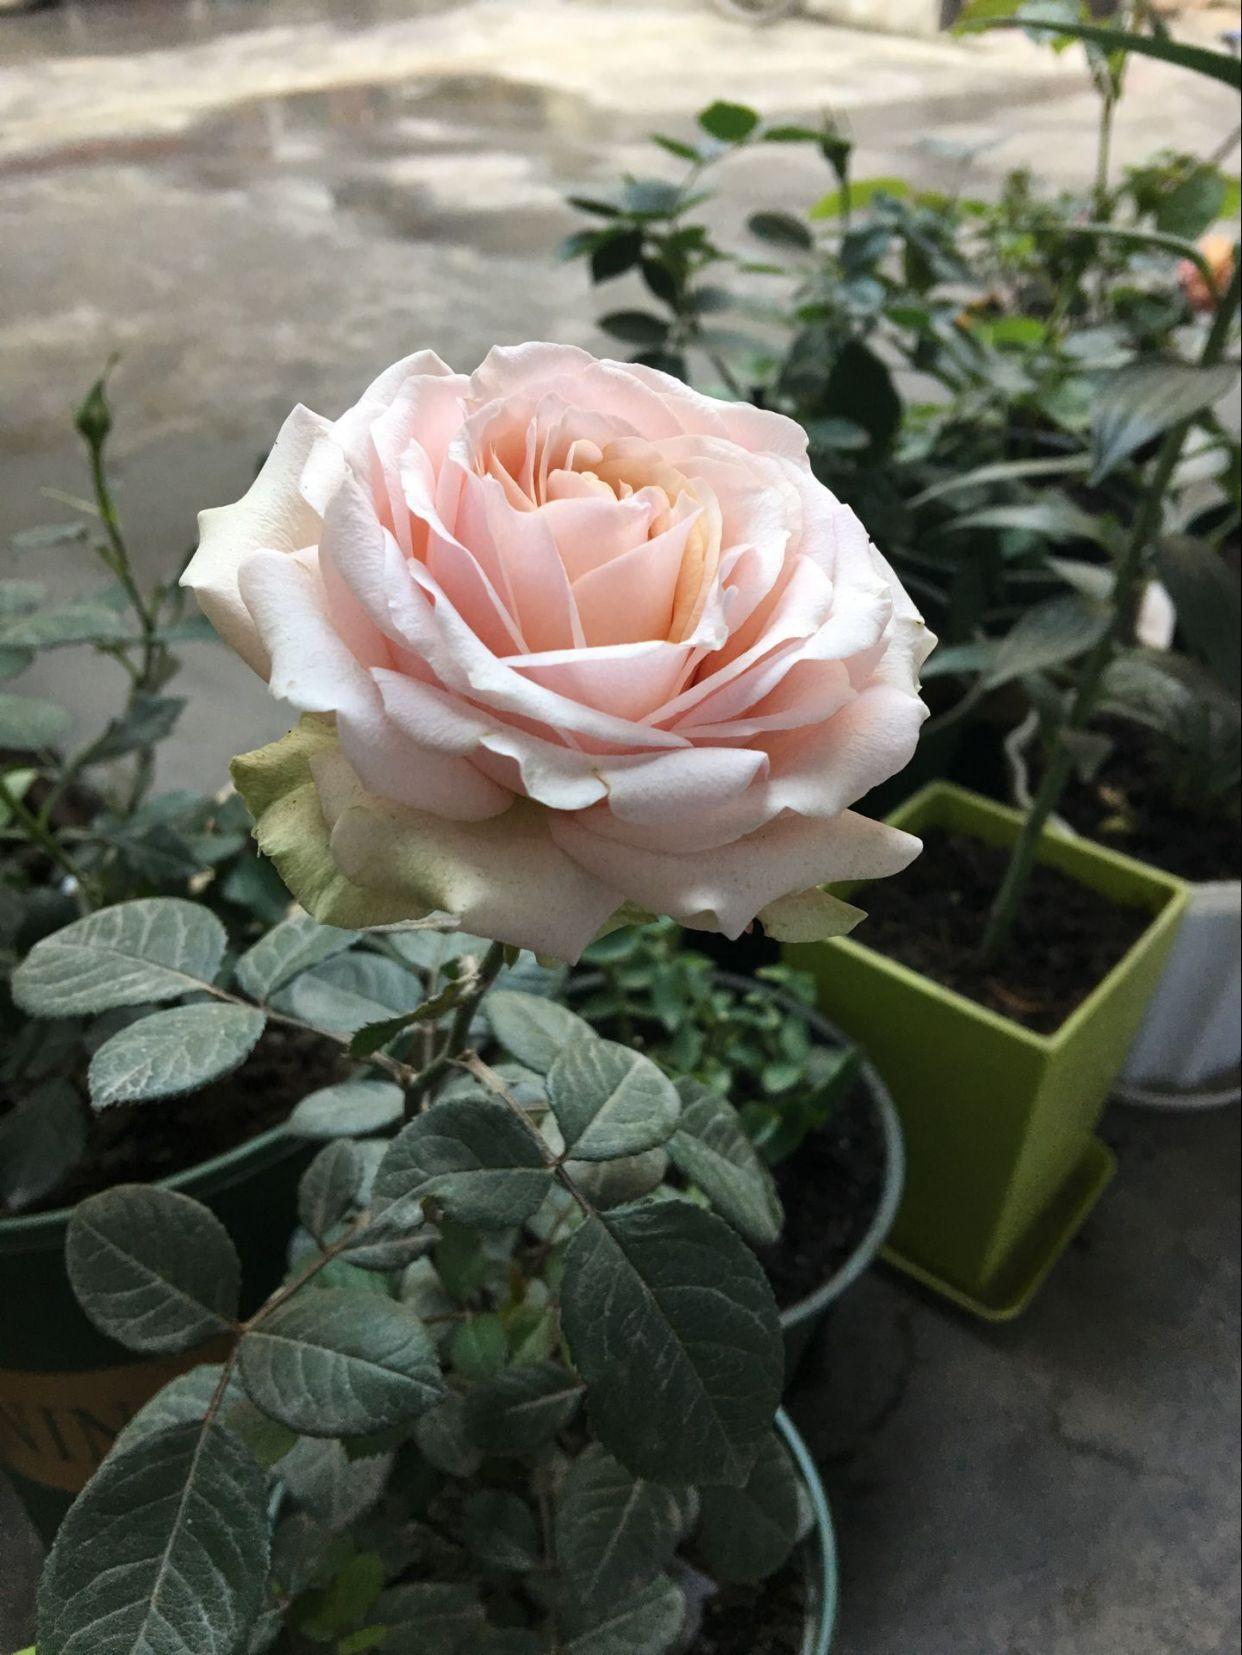 此花是世界名花,曾获园艺大奖,美不输玫瑰,四季常开,值得栽培